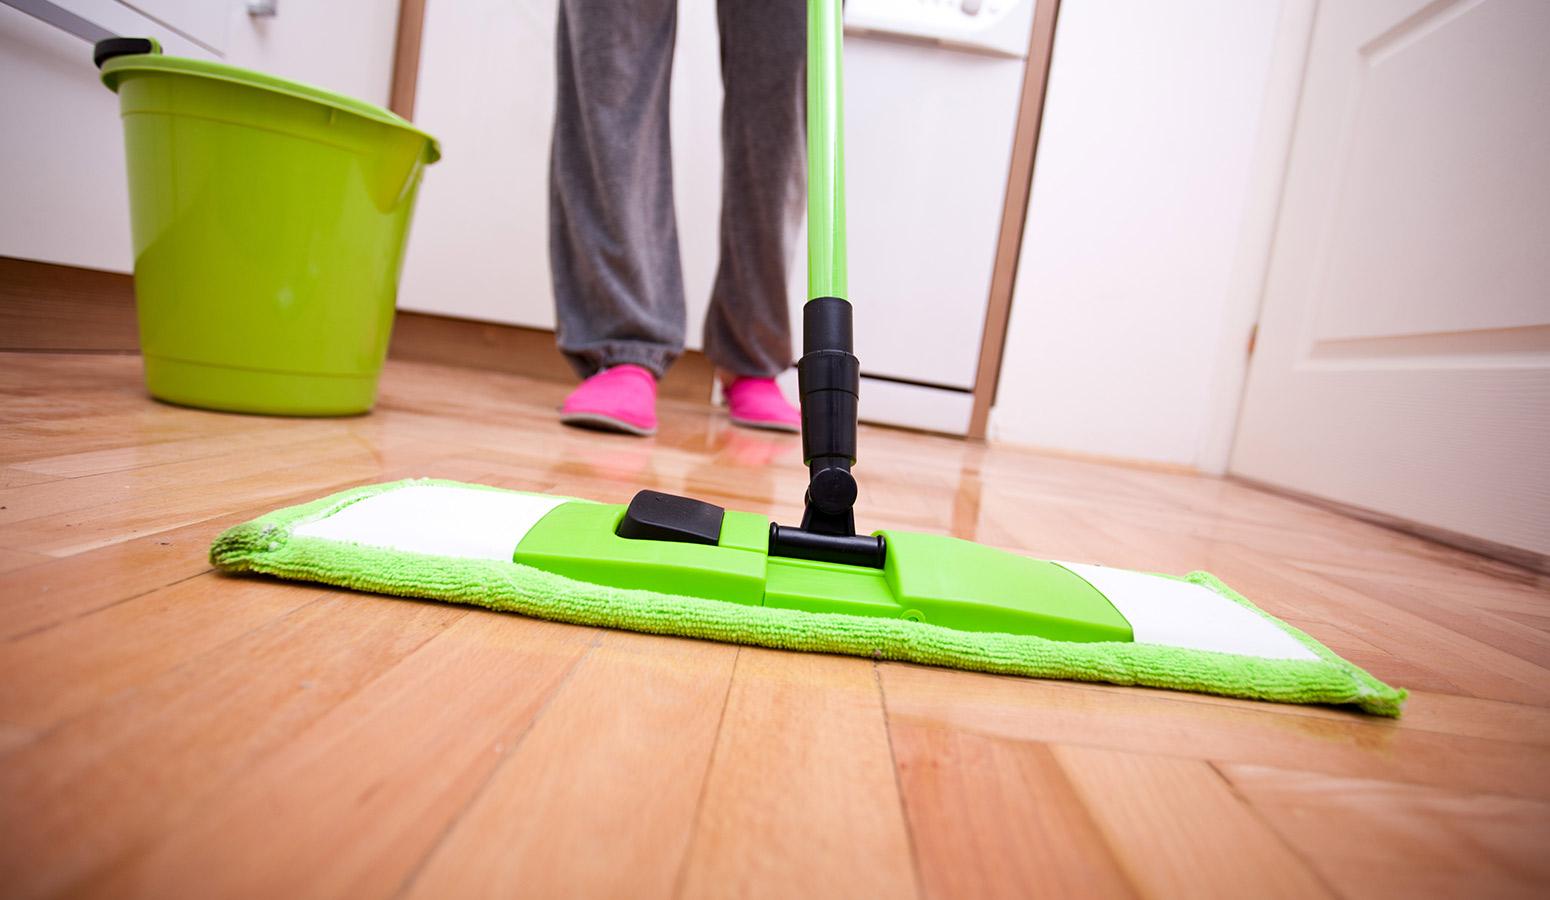 بالصور تنظيف منازل , اهميه تنظيف المنزل 5083